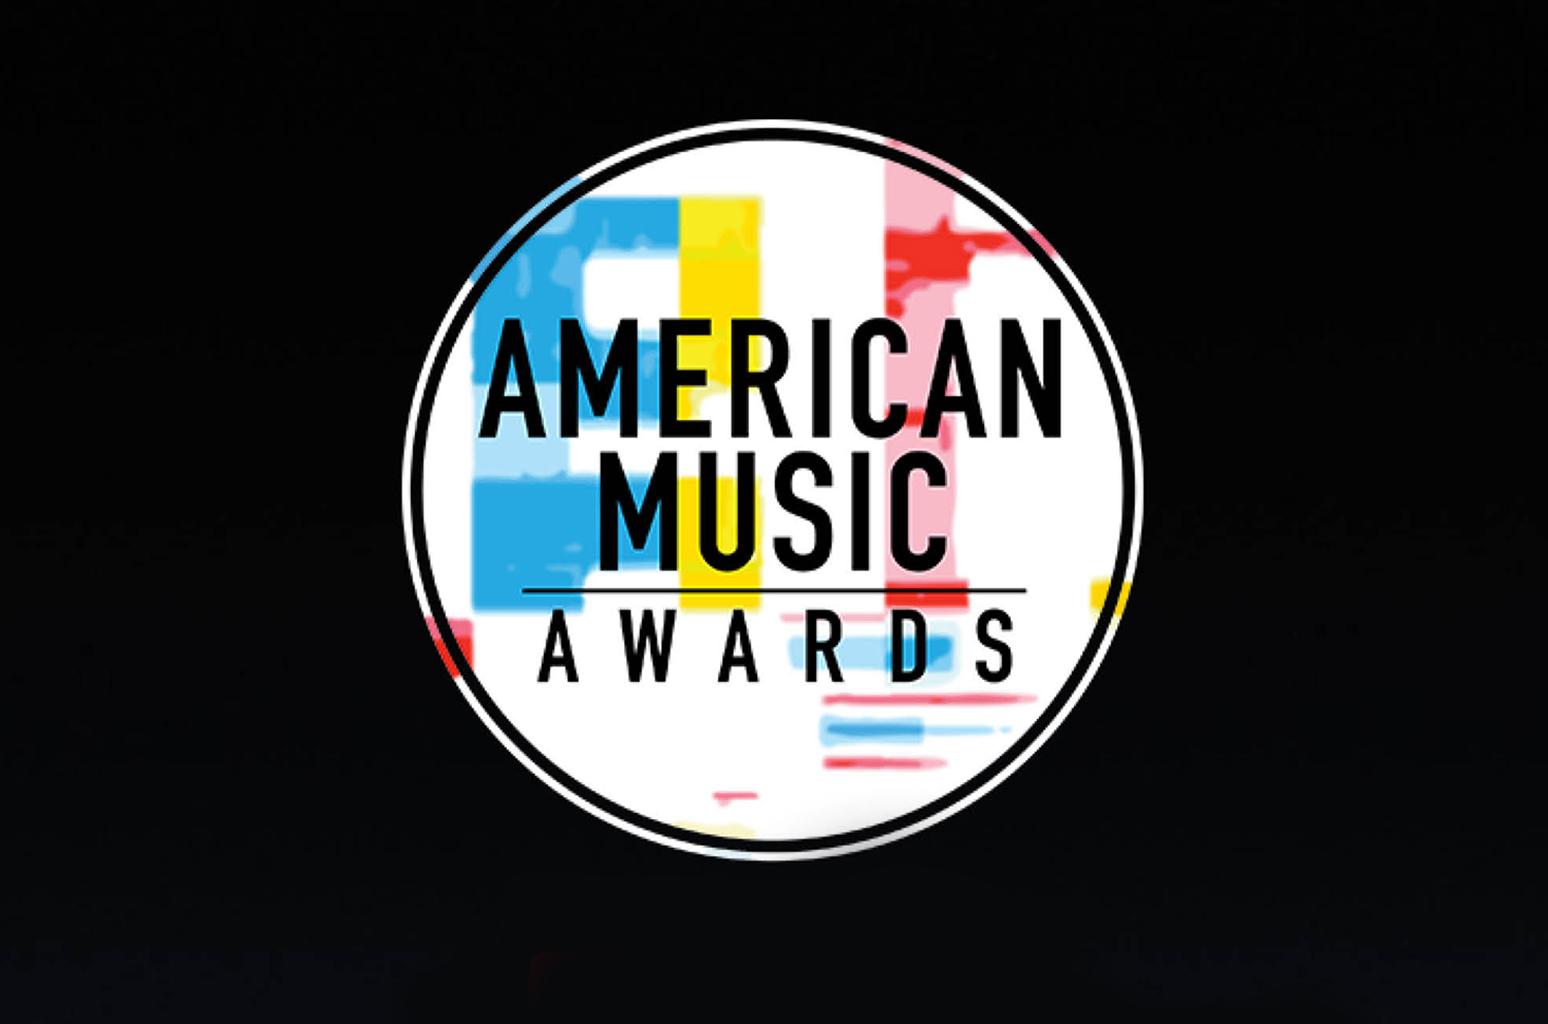 Οι νικητές των American Music Awards για το 2018